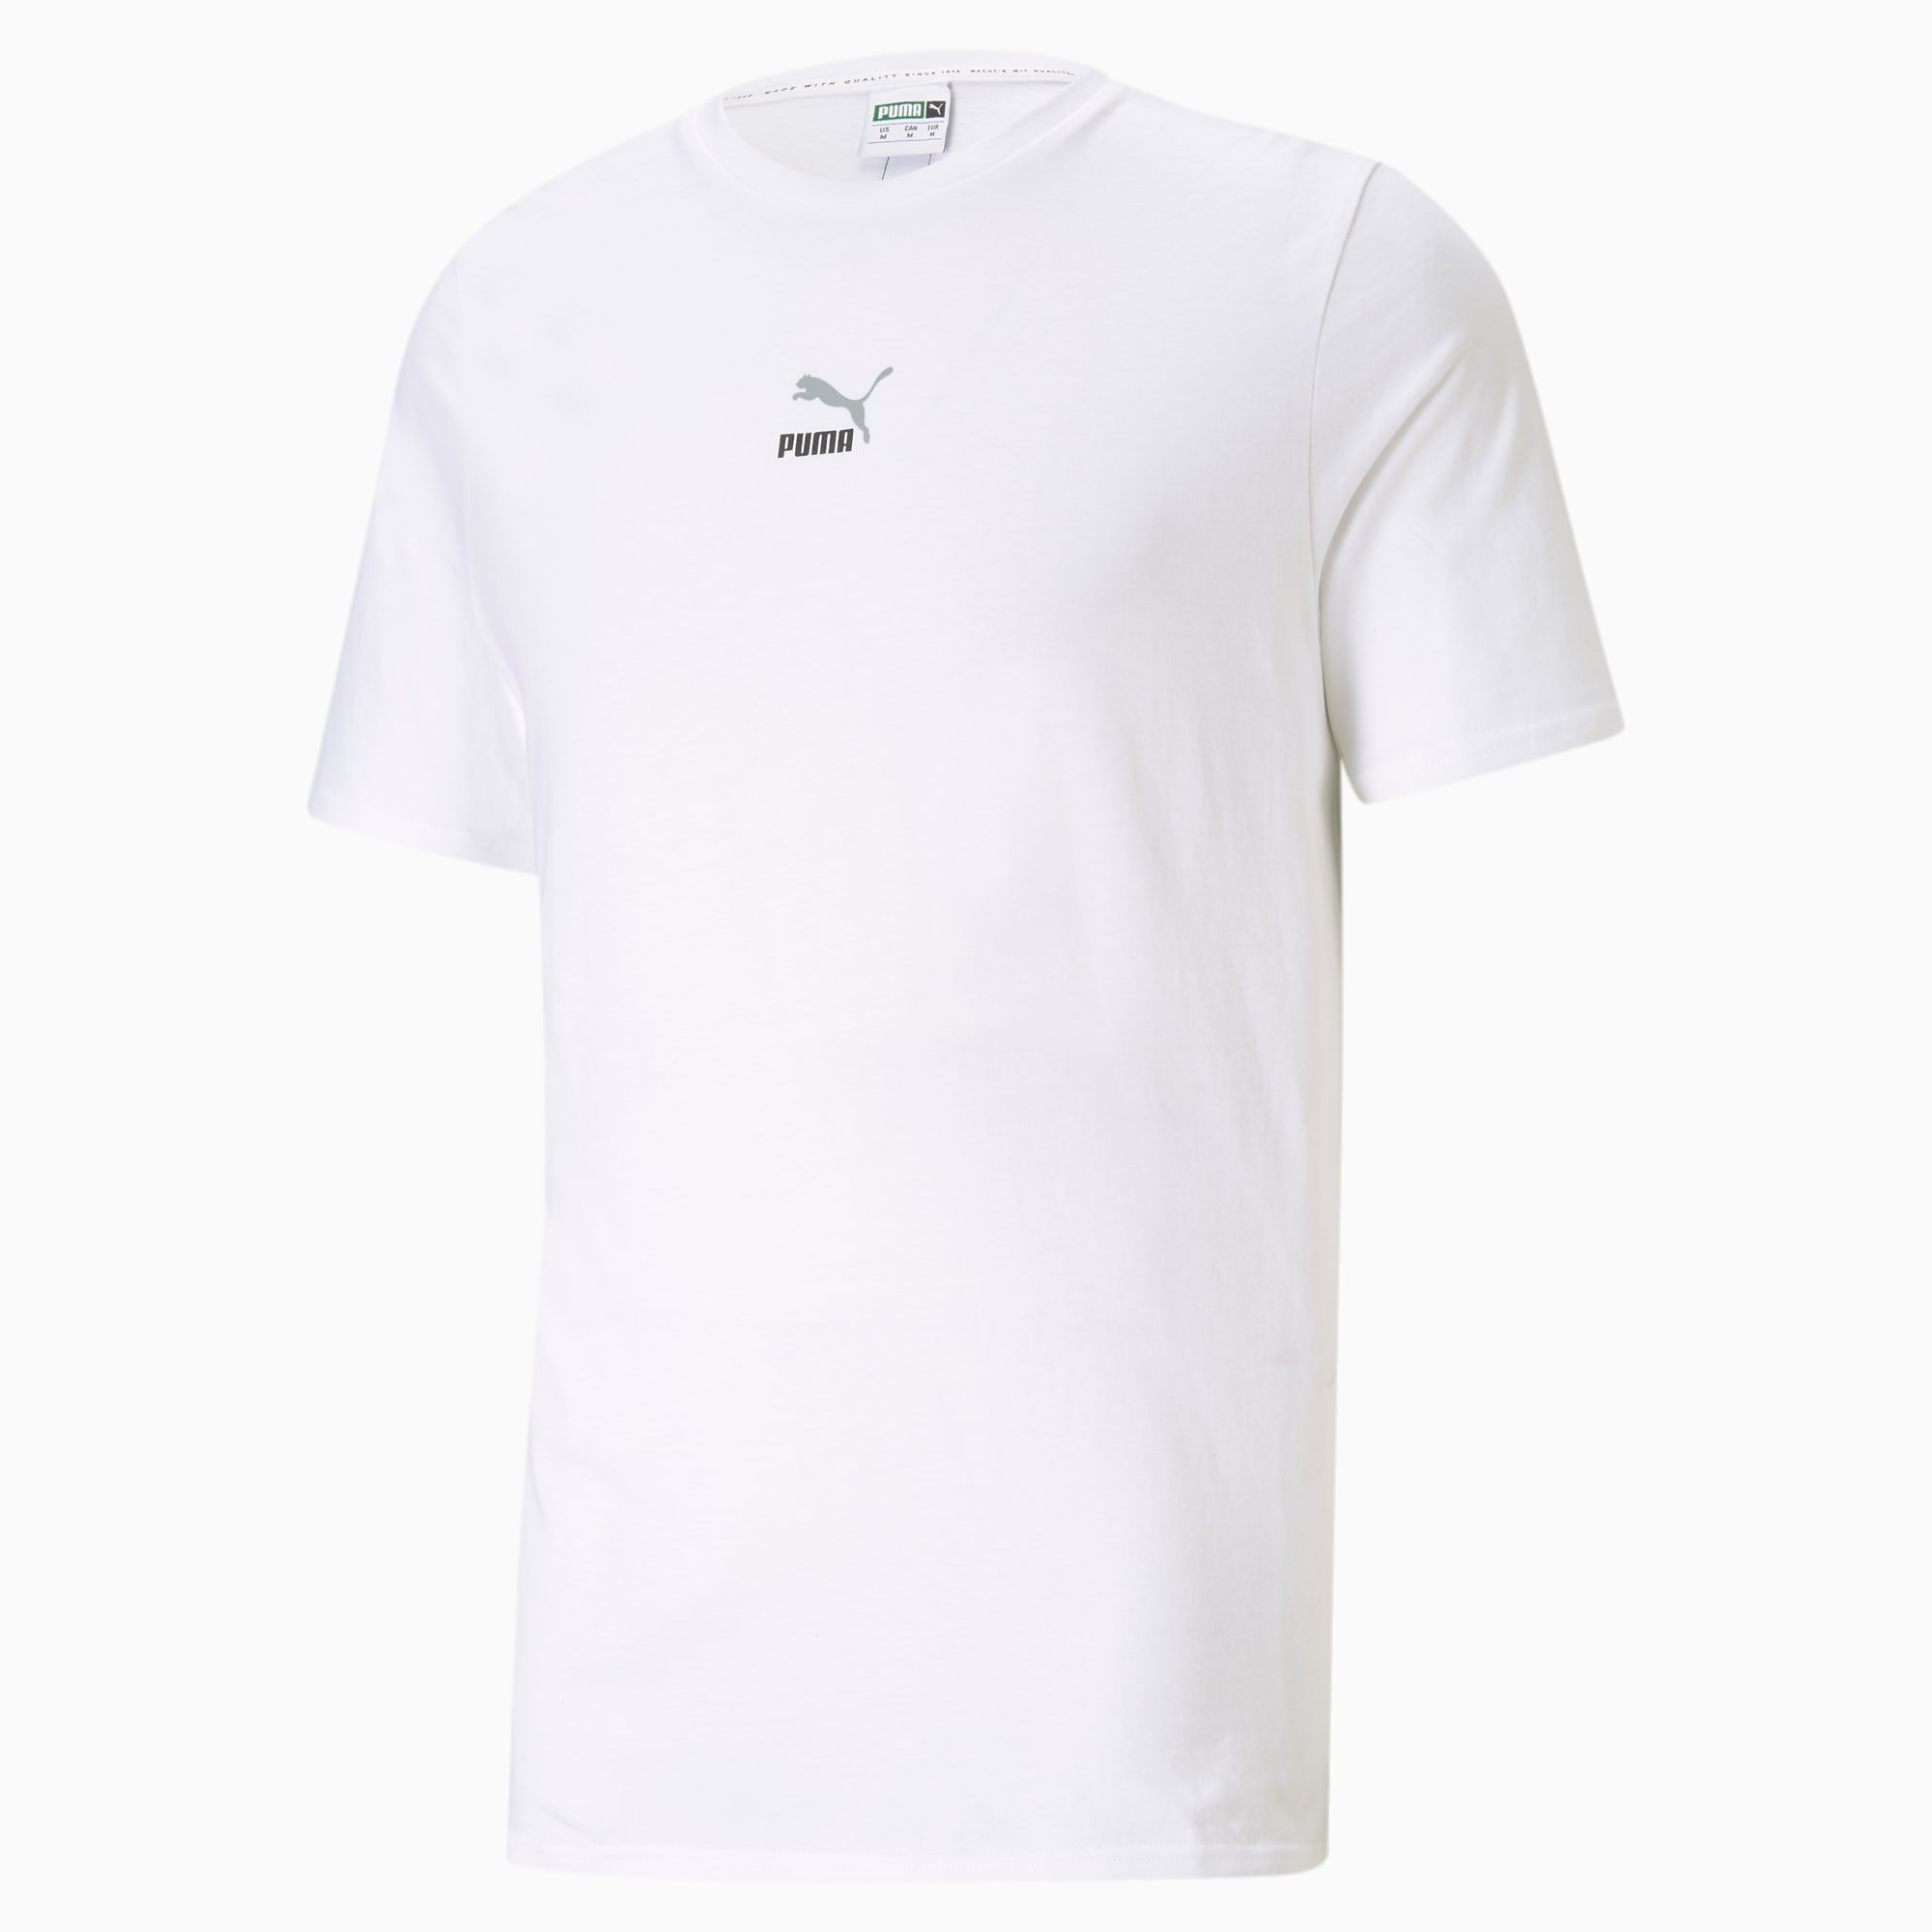 【領券最高折$400】PUMA ELEVATE TAPE 男裝 短袖 純棉 休閒 串標 白 歐規【運動世界】53107502